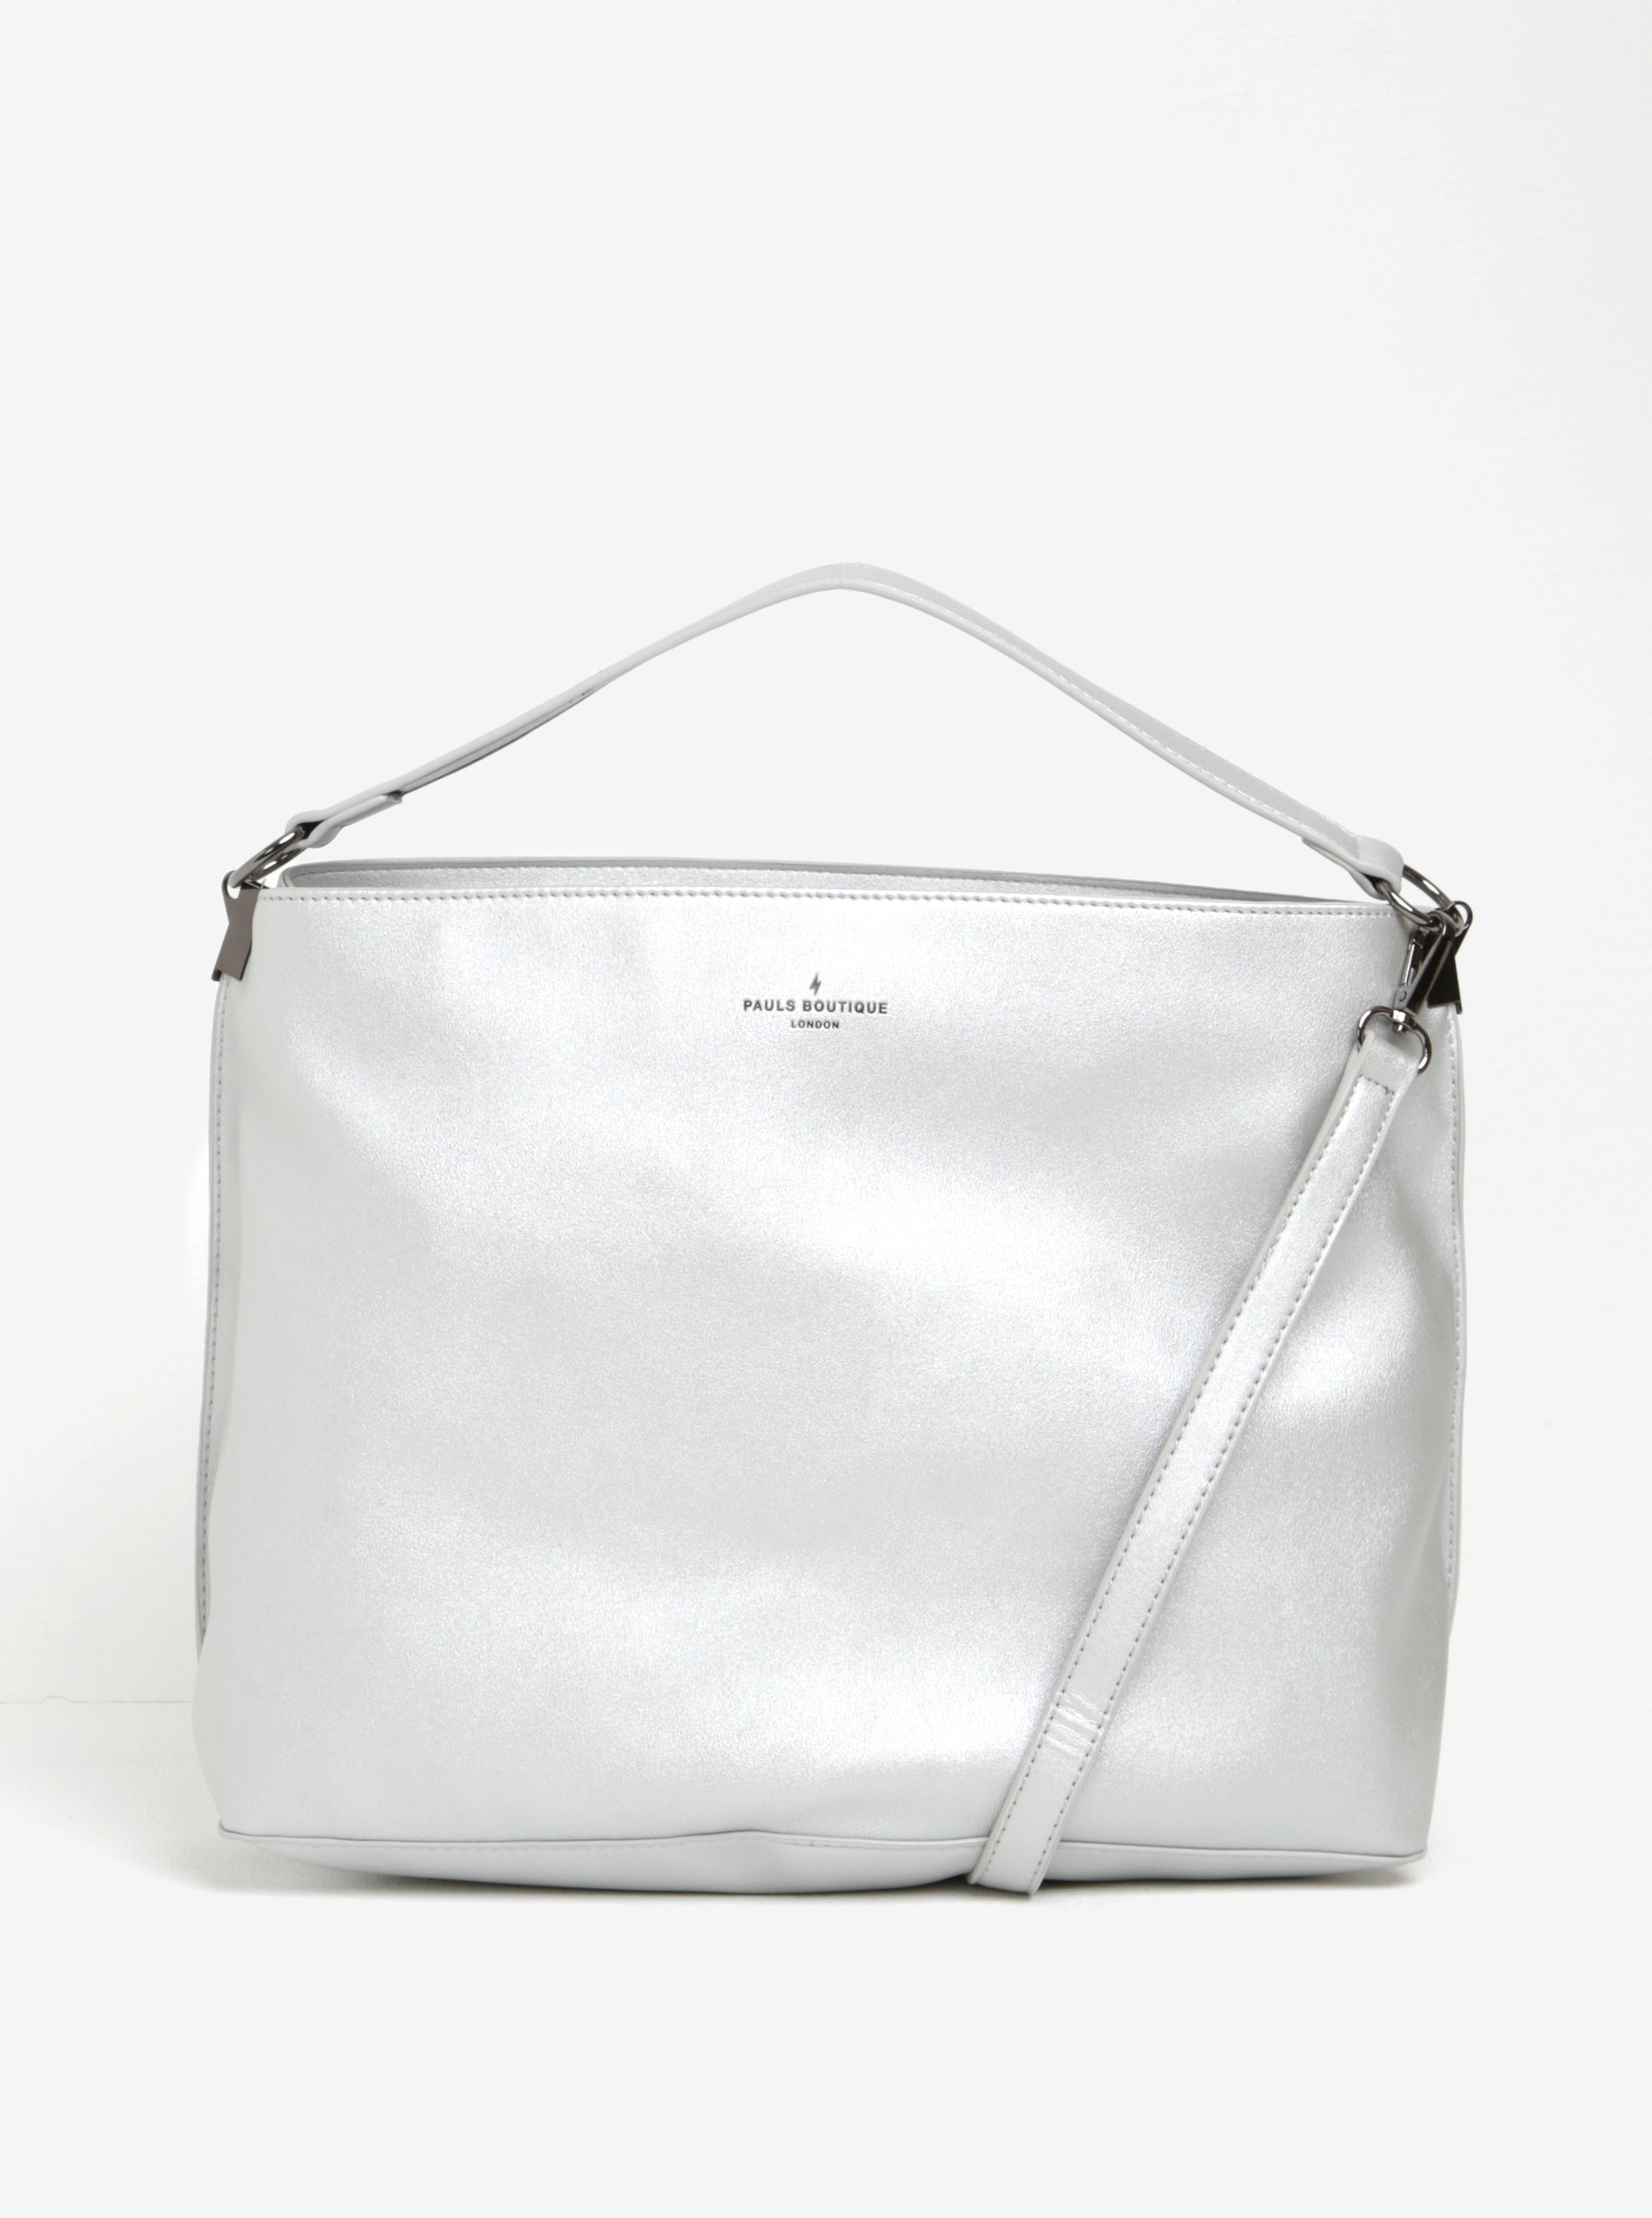 Stříbrná kabelka s odnímatelným popruhem a neonovým vnitřkem Paul's Boutique Iris